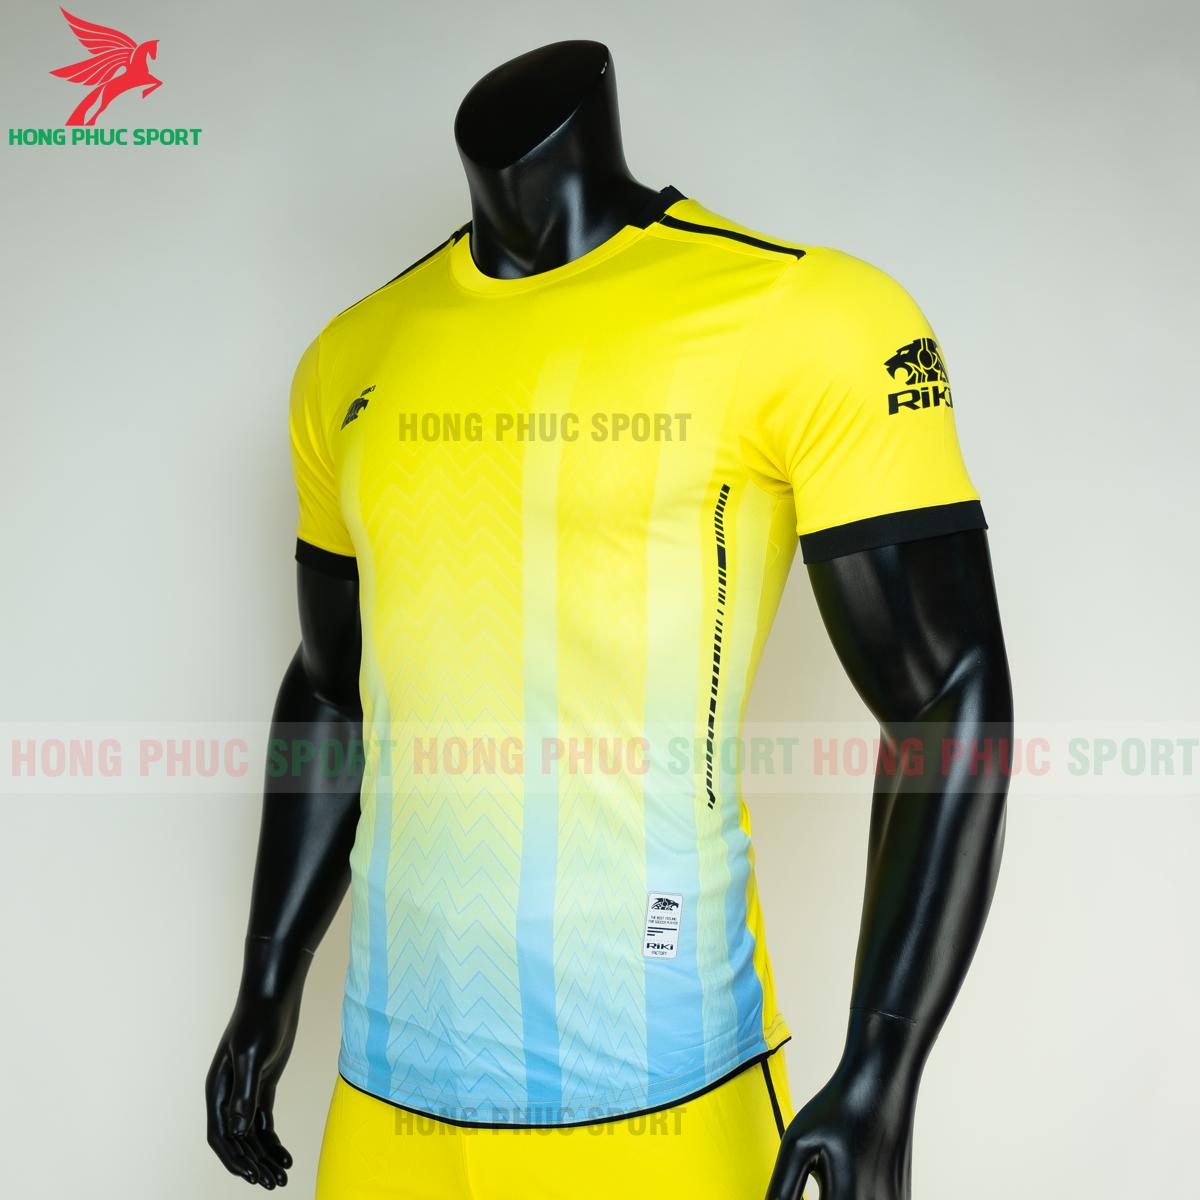 https://cdn.hongphucsport.com/unsafe/s4.shopbay.vn/files/285/ao-bong-da-khong-logo-riki-furior-mau-vang-3-605016220de02.png